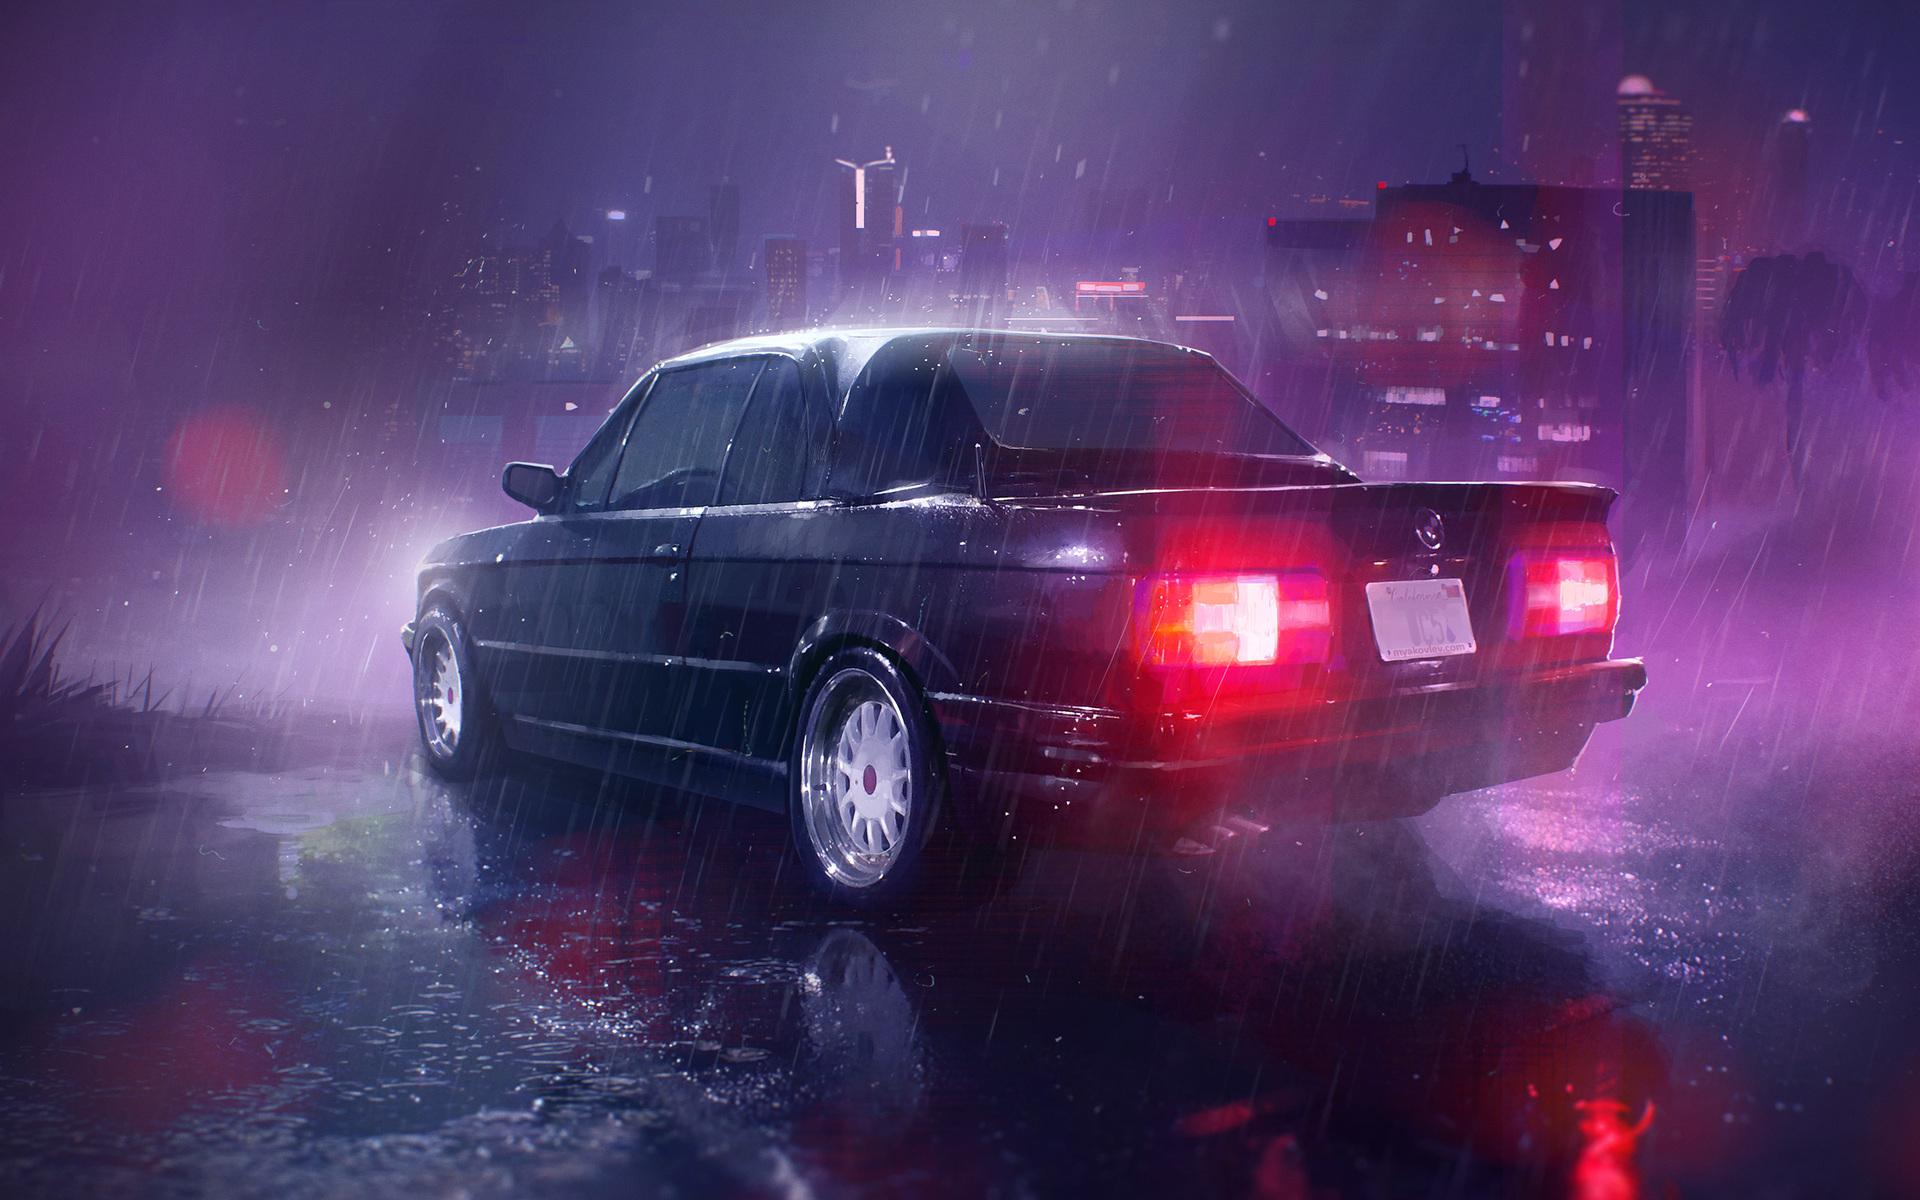 car-raining-night-f0.jpg